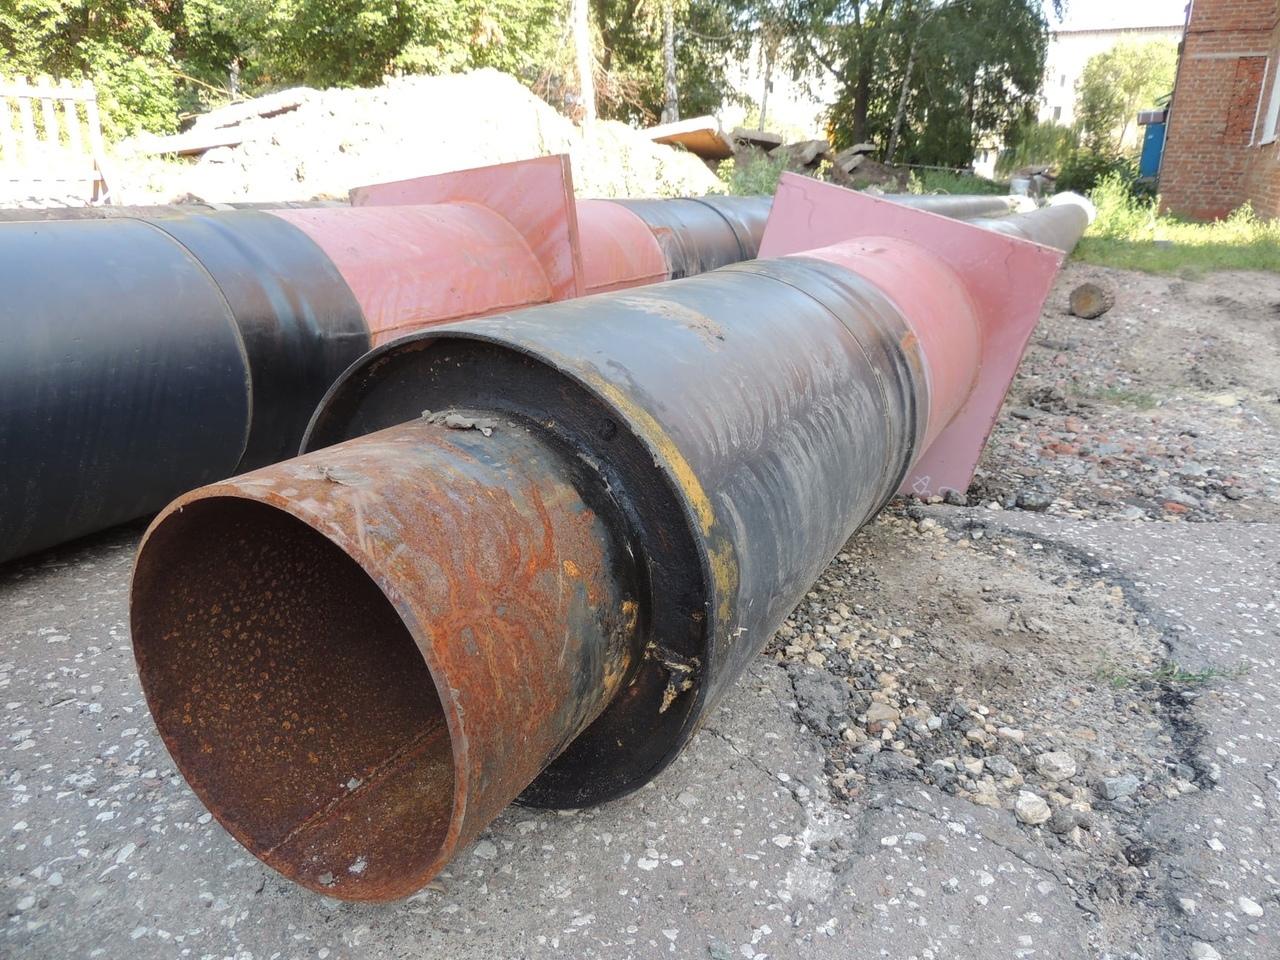 Ветхий трубопровод, из-за которого страдали жители Островитянова, начали ремонтировать